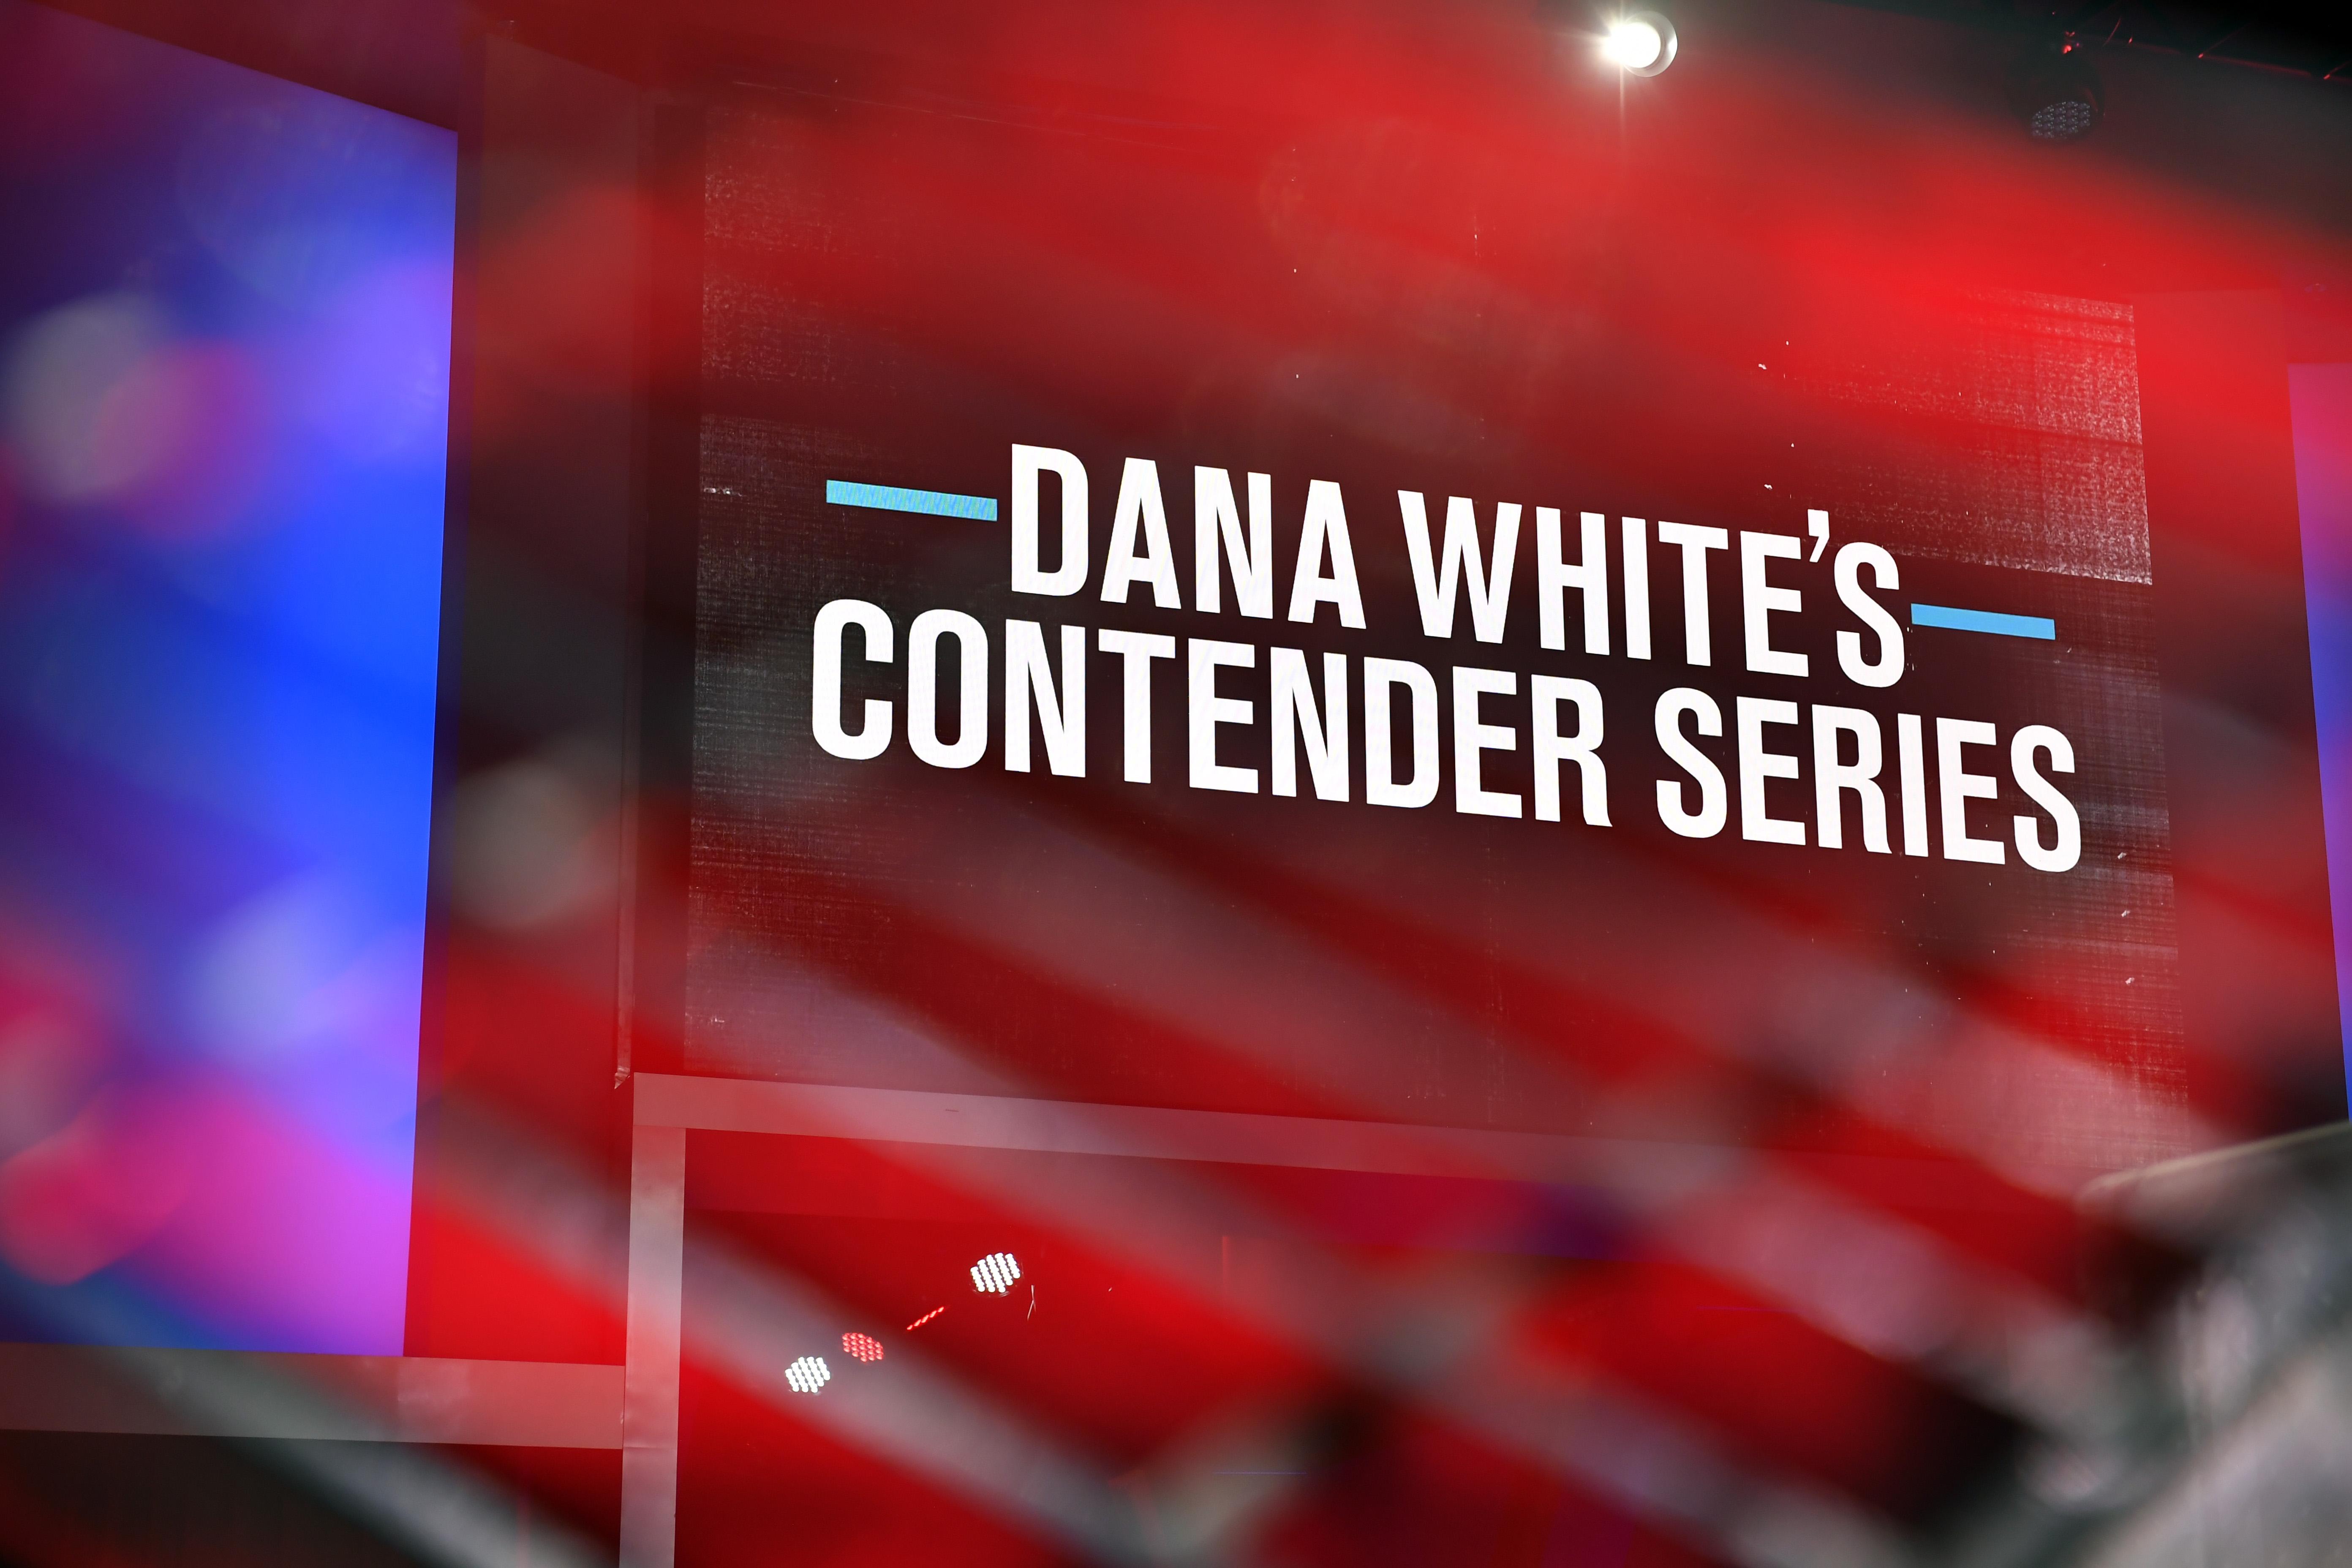 丹娜·怀特的竞争者系列-第五季第5周